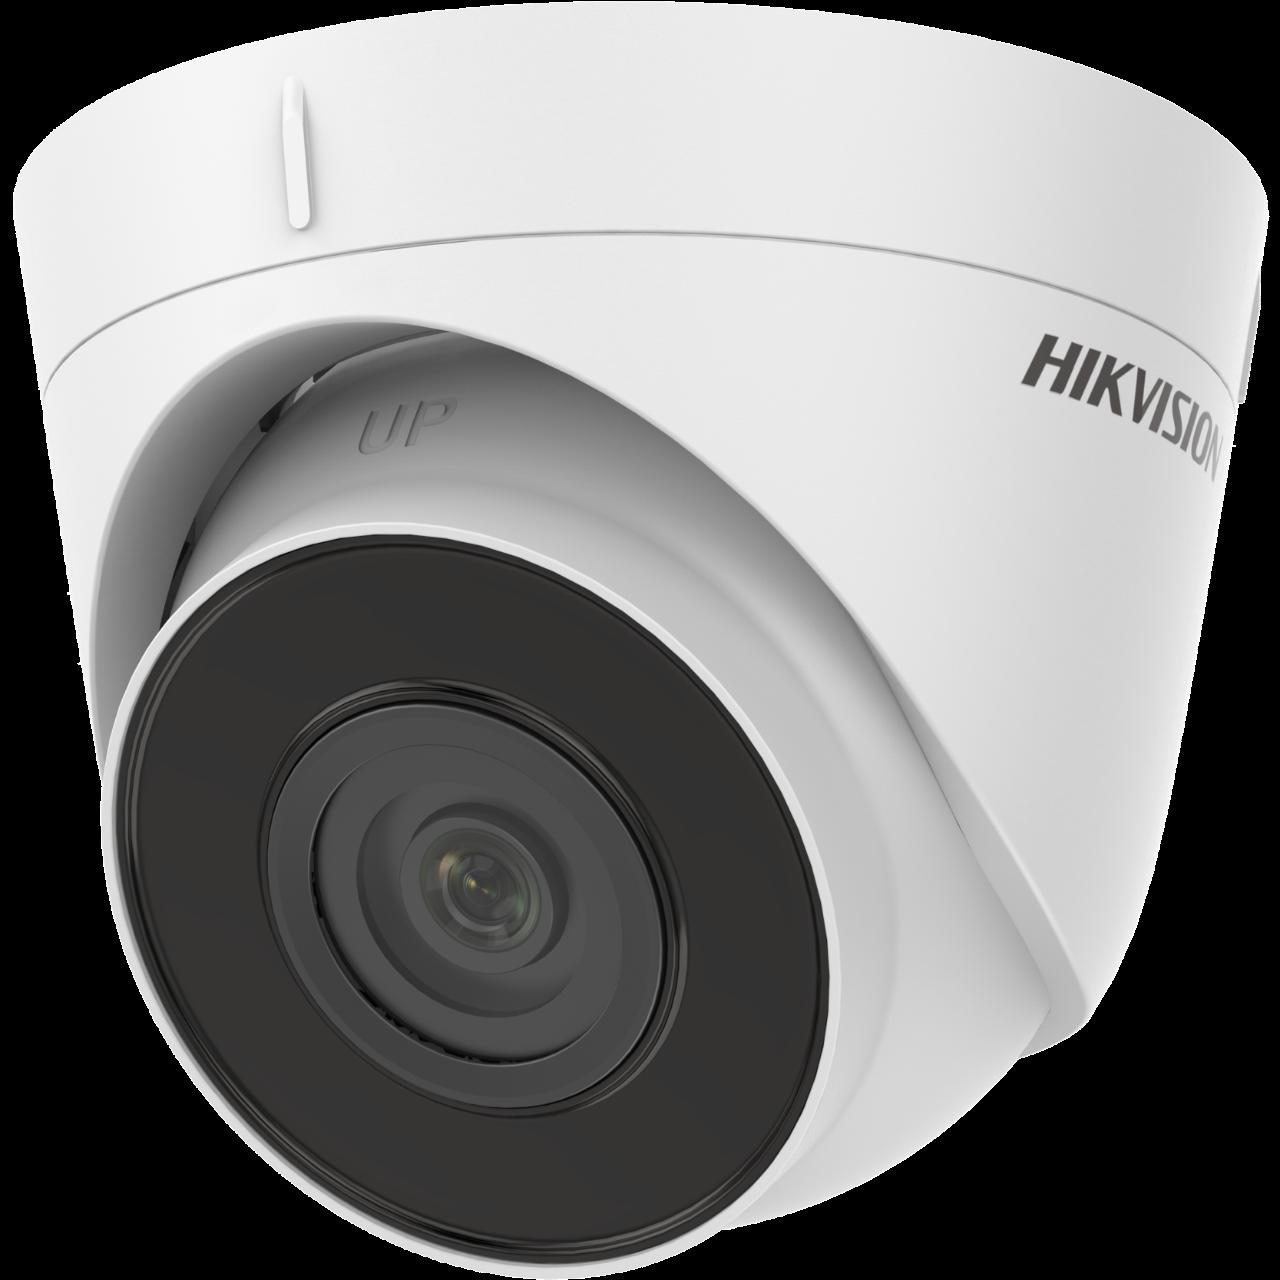 Εικόνα της DS-2CD1353G0-I(B)  5MP IR Fixed Turret IP 2.8mm Camera Hikvision